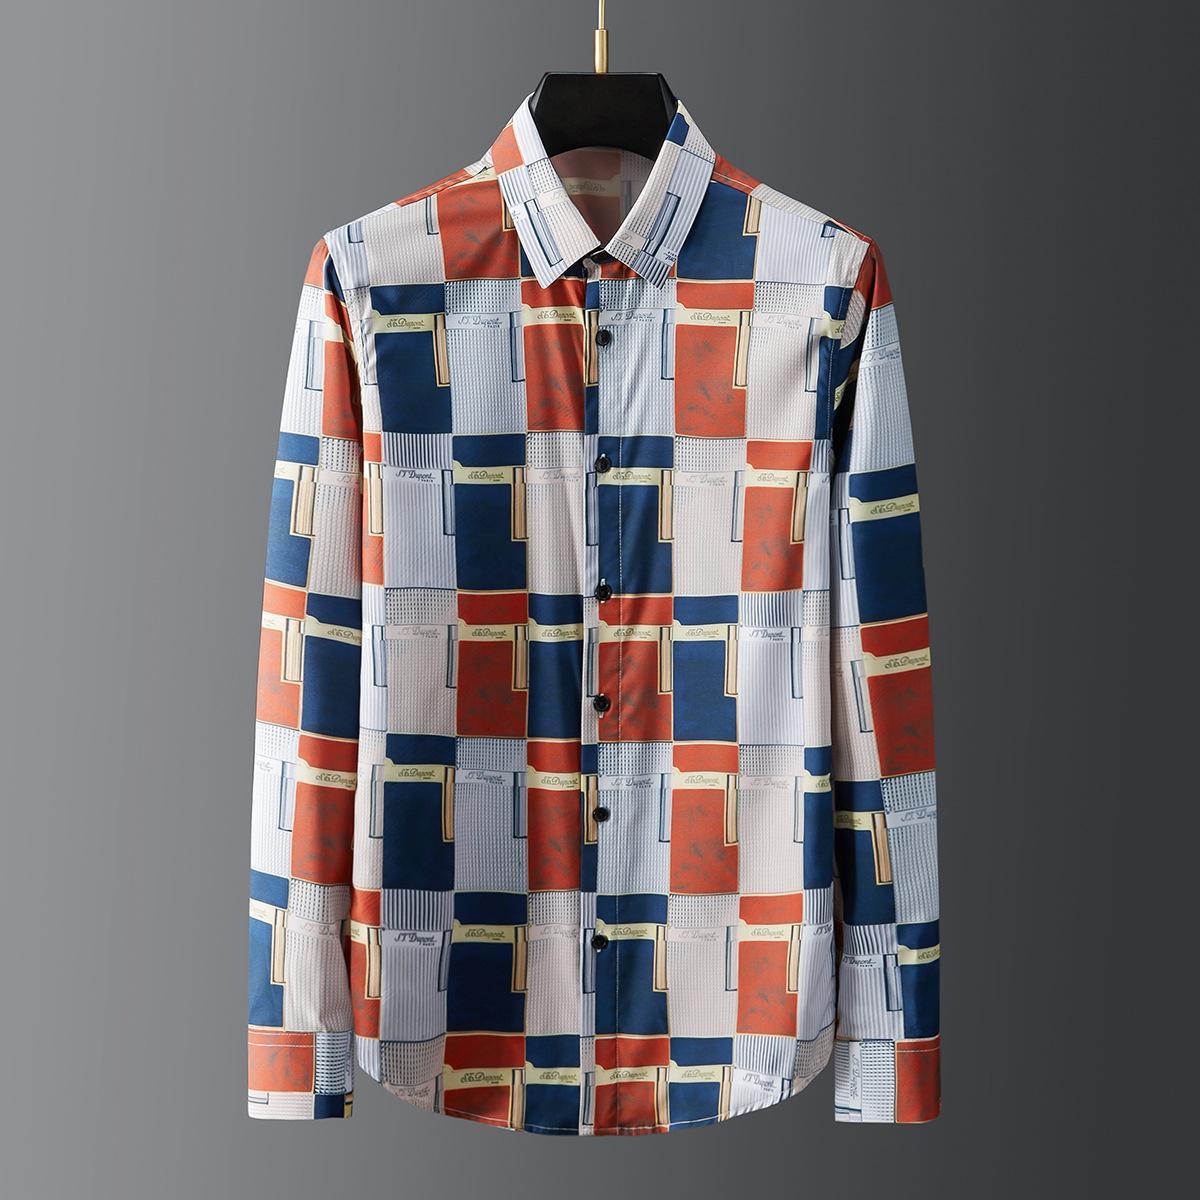 Nuevas camisas masculinas impresas geométricas de lujo de manga larga casual para hombre camisas moda slim fit fiesta hombre camisas más tamaño 3xl